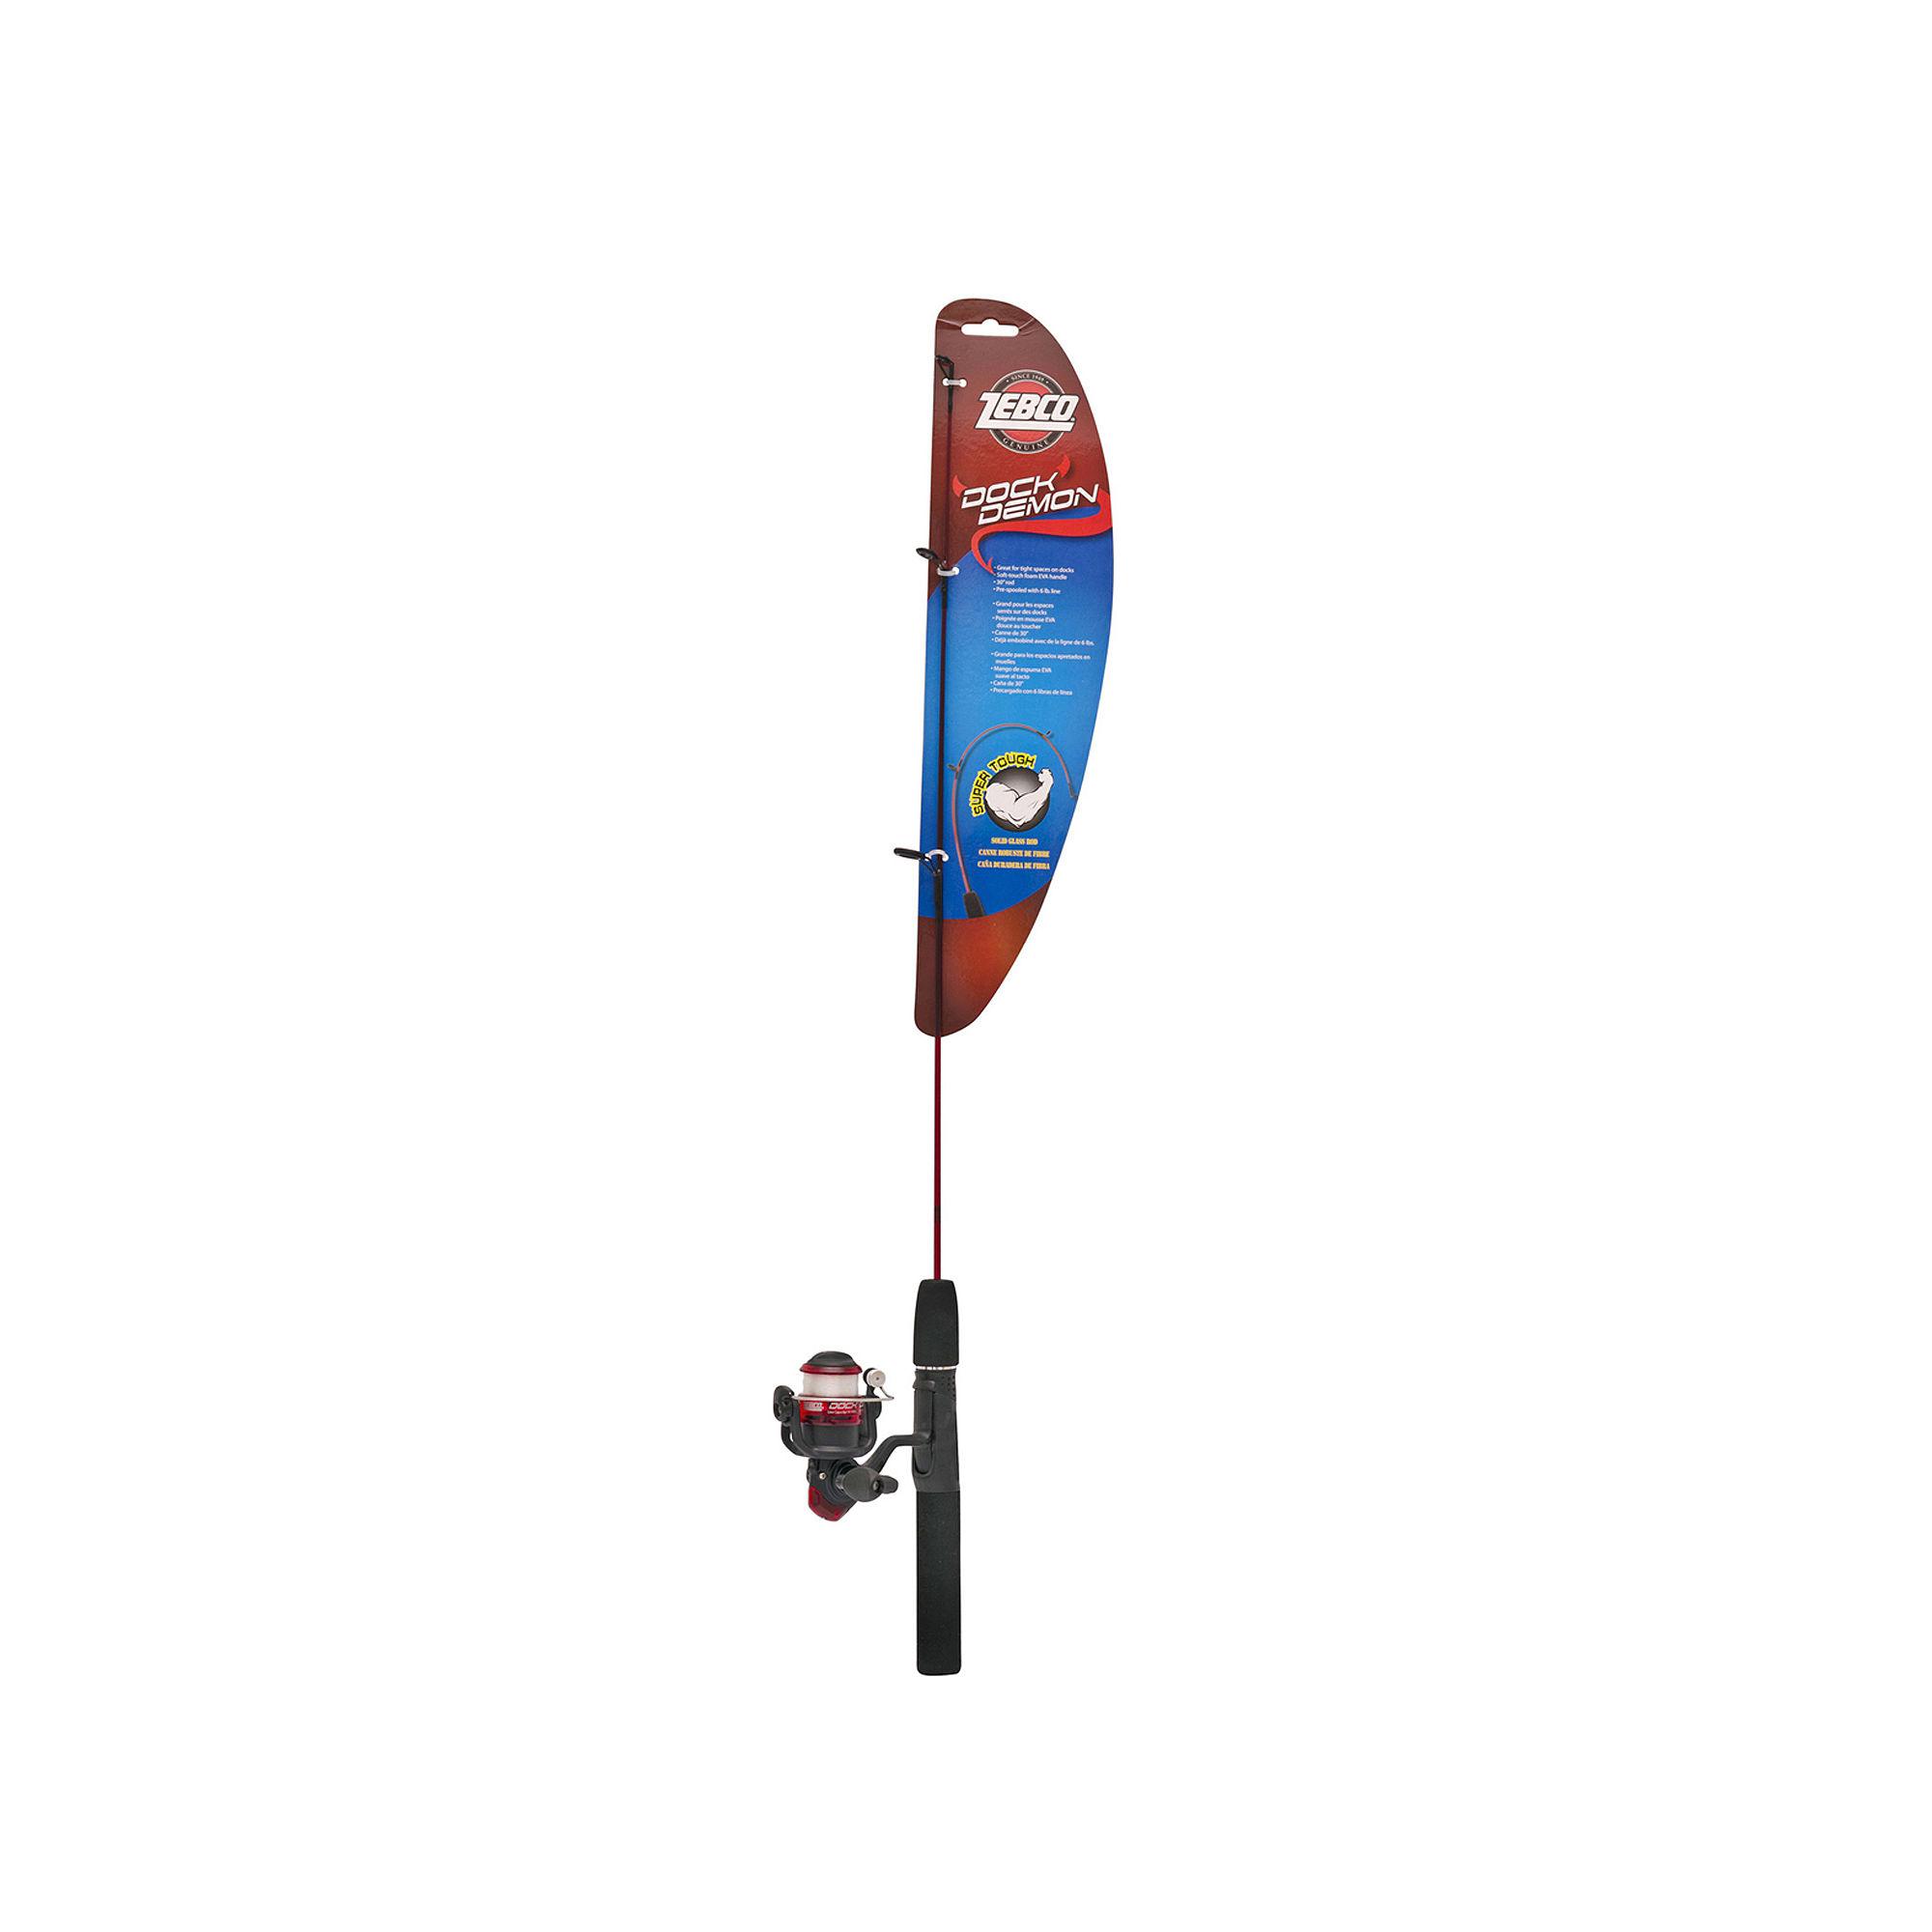 032784606260 upc zebco dock demon version z 30 inch for Dock demon fishing rod